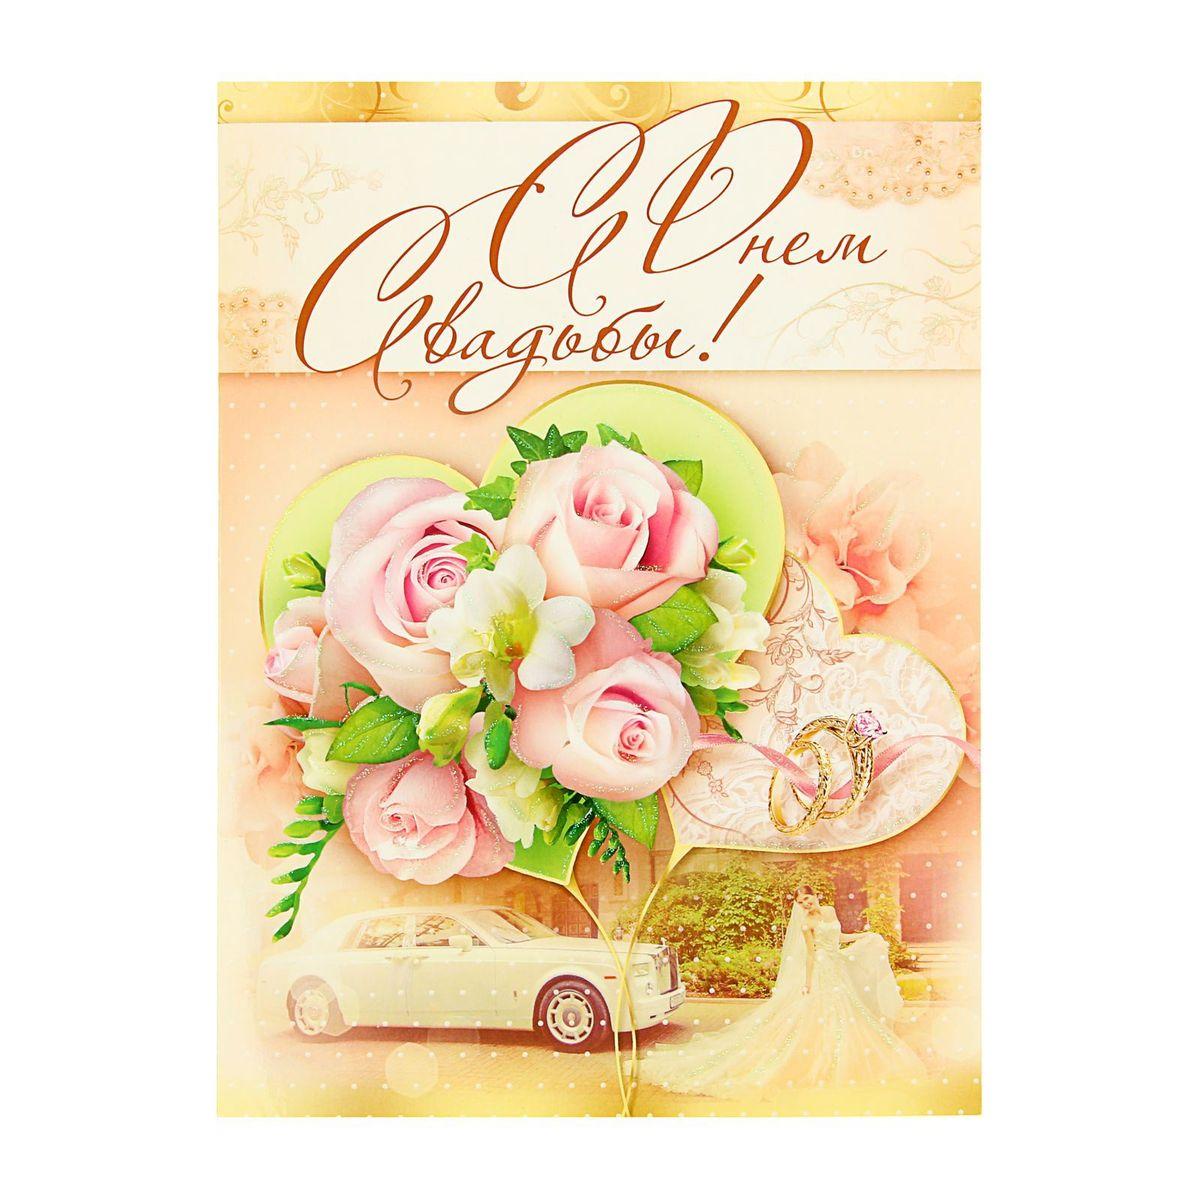 Открытка Эдельвейс С днем свадьбы!. 11802891180289Если вы хотите порадовать себя или близких, создать праздничное настроение и с улыбкой провести памятный день, то вы, несомненно, сделали правильный выбор! Открытка Эдельвейс С днем свадьбы!, выполненная из плотной бумаги, отличается не только оригинальным дизайном, но и высоким качеством.